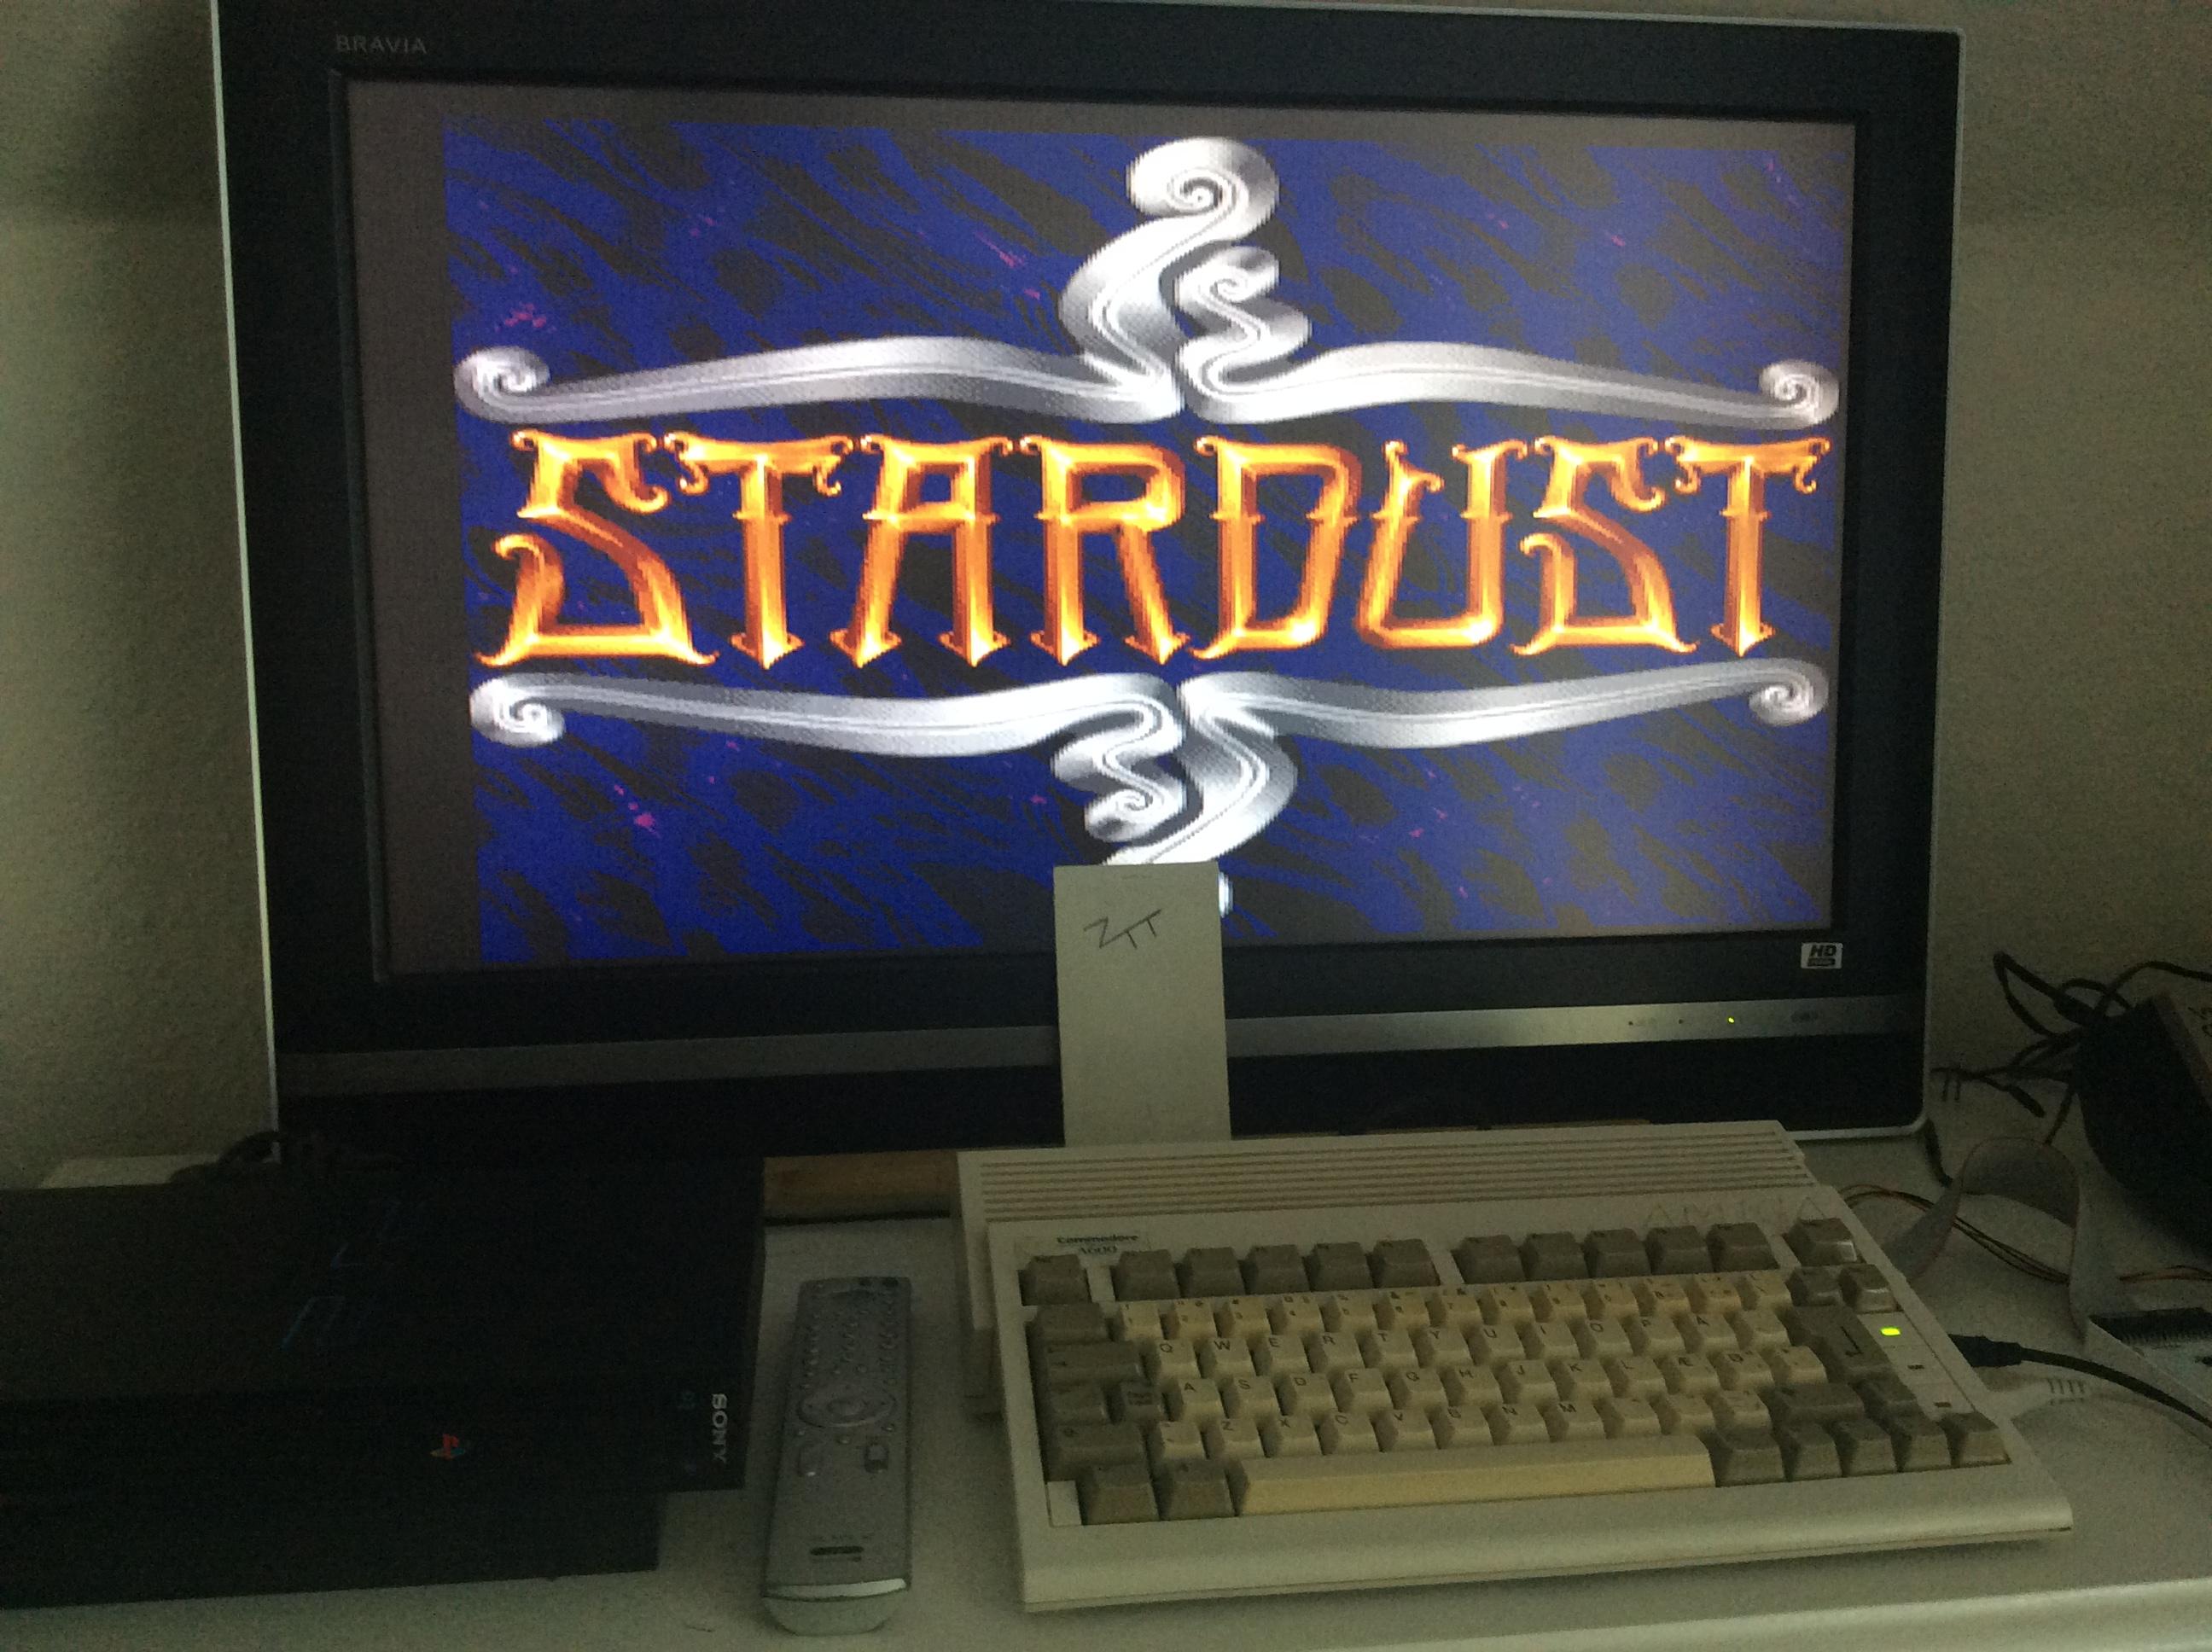 Frankie: Stardust (Amiga) 187,600 points on 2016-10-30 08:27:08